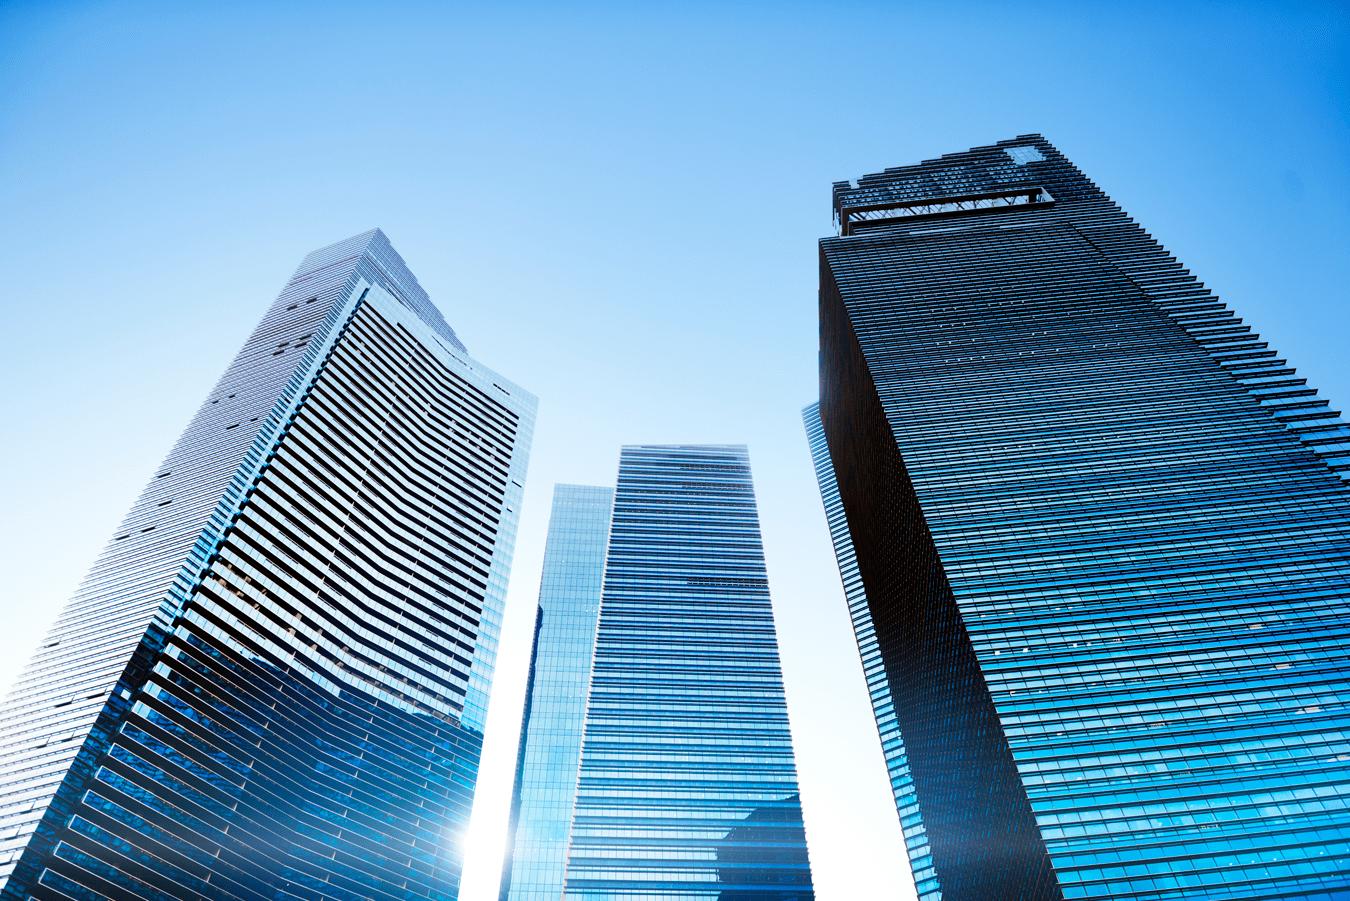 Edificios de Oficina Representativos de Aseguradoras